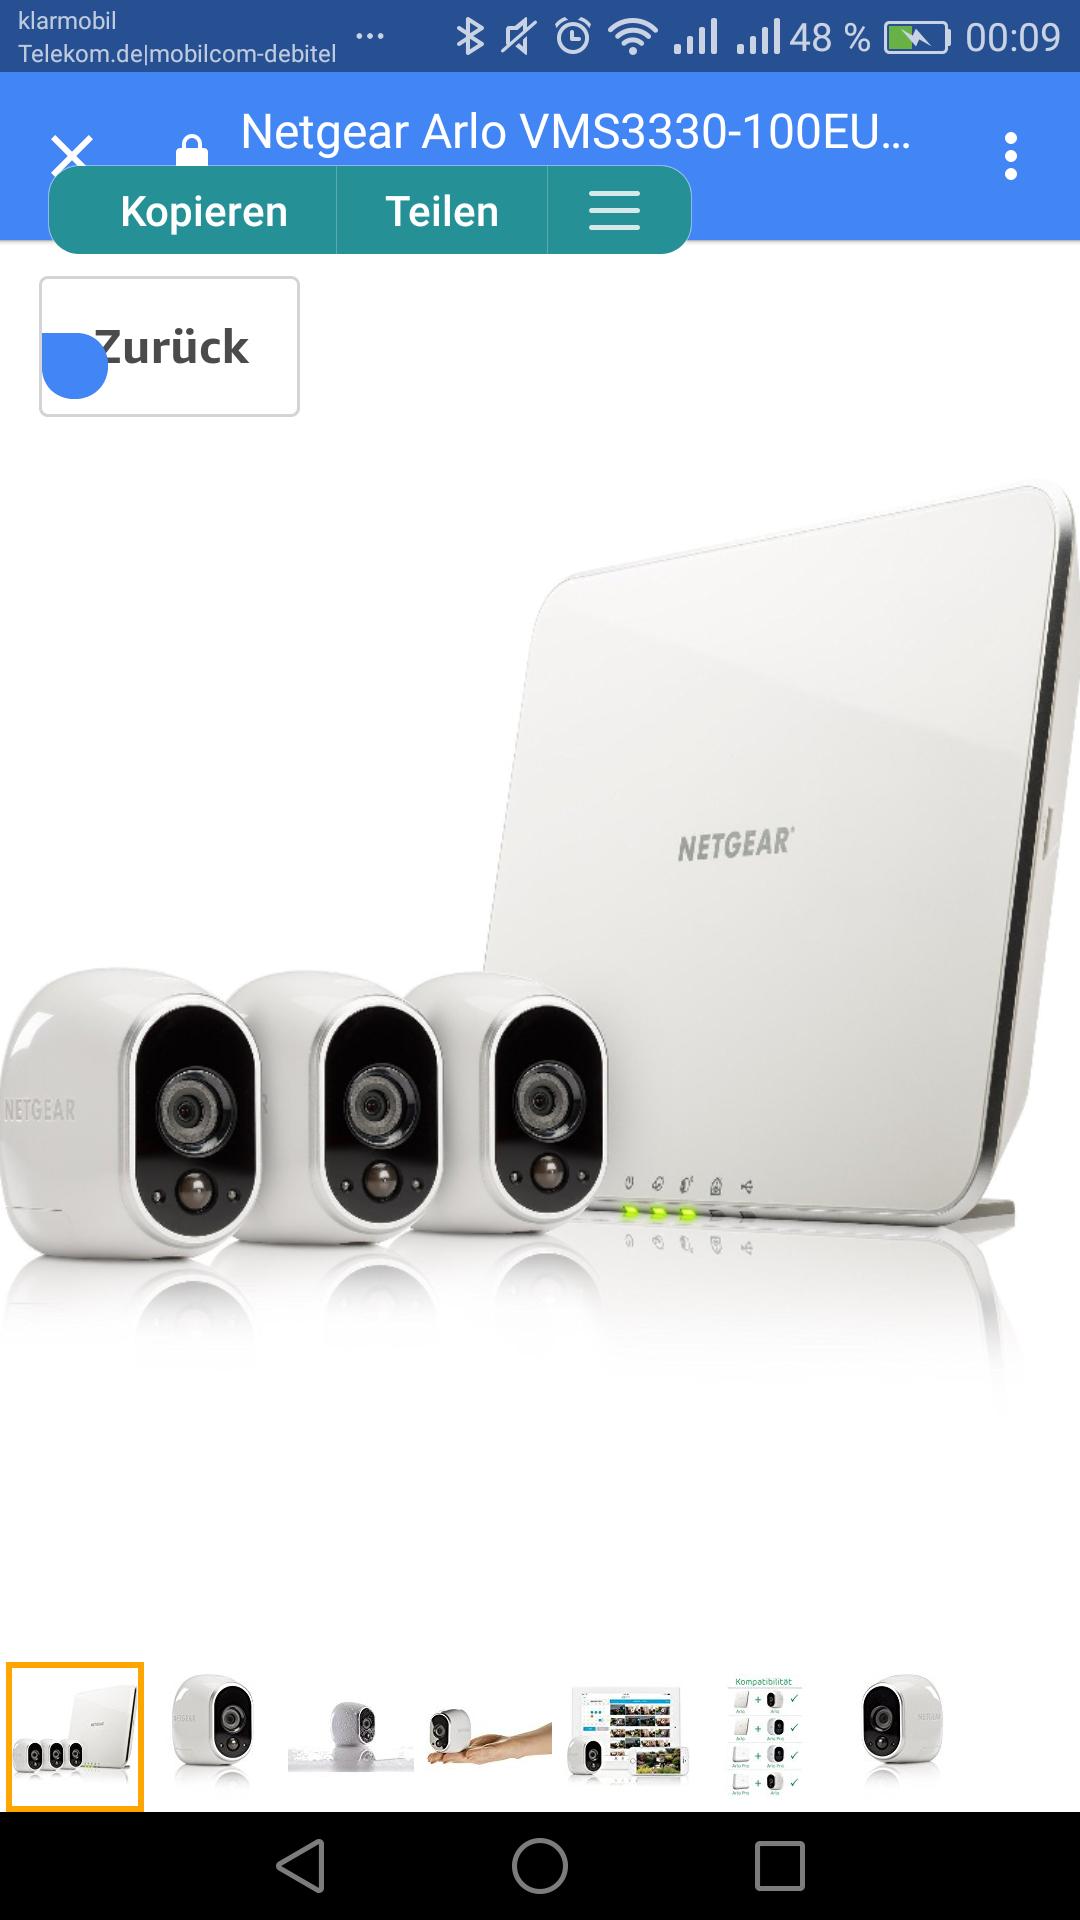 Netgear Arlo VMS3330-100EUS Smart Home 3 HD-Überwachung Kamera-Sicherheitssystem (100% kabellos, Indoor/Outdoor, Bewegungssensor, Nachtsicht) weiß , amazon ( auch mit 2 kameras *Beschreibung)